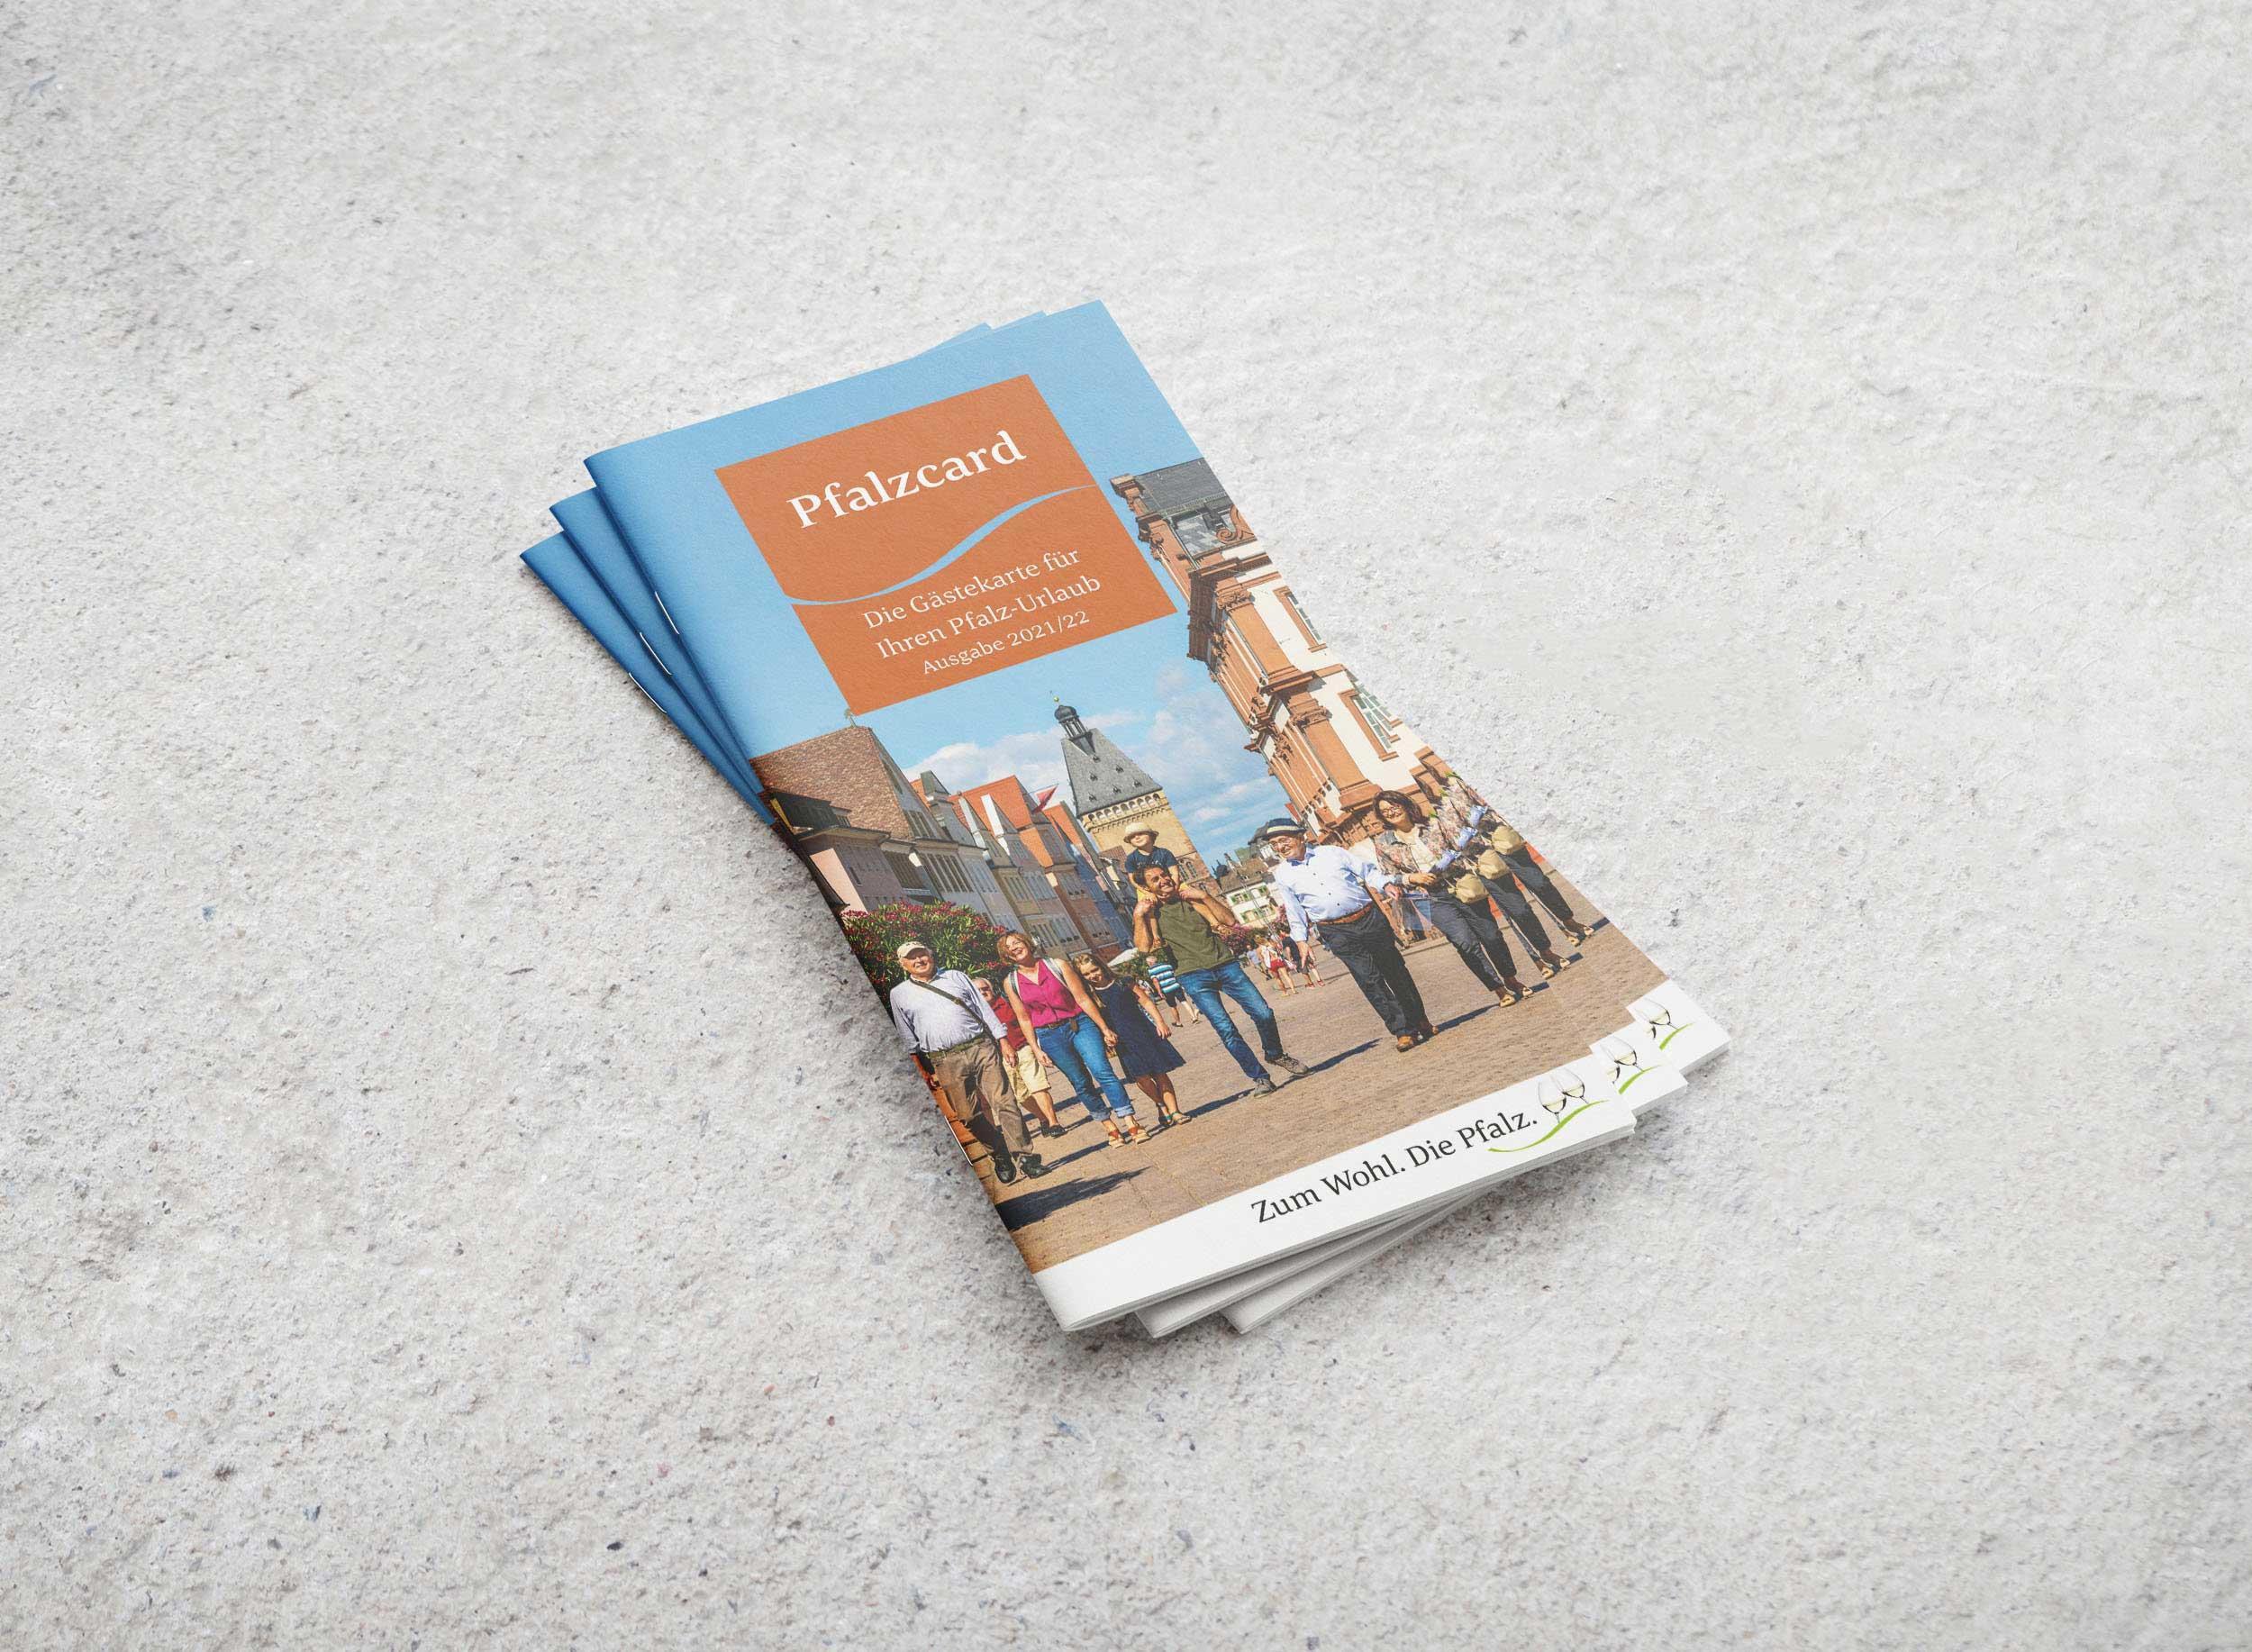 Pfalzcard – Pfalz Touristik   Design